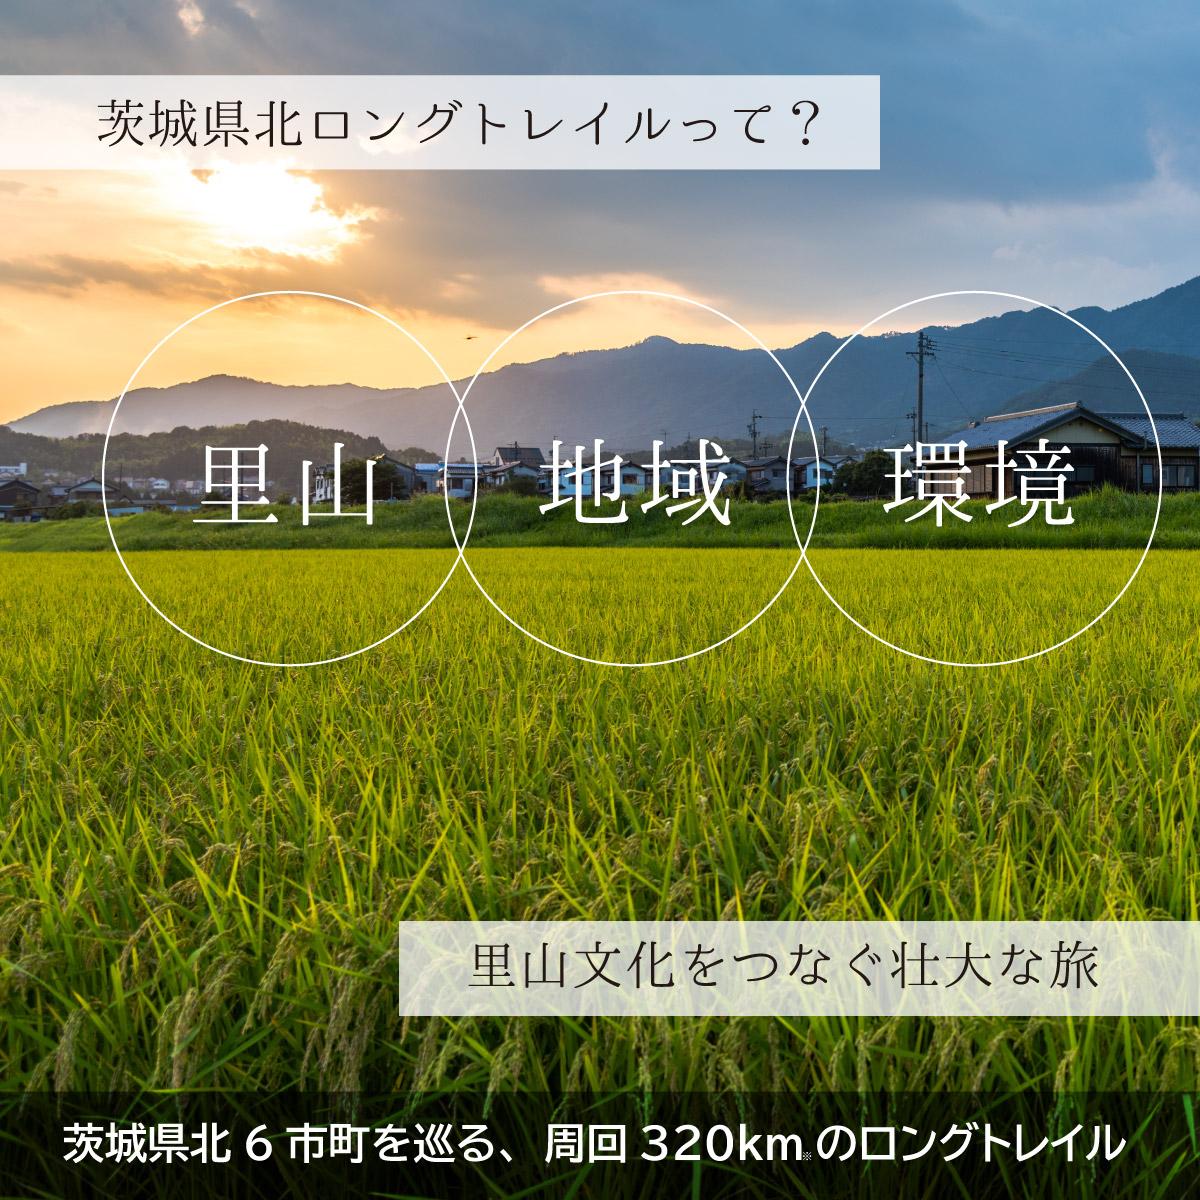 茨城県北ロングトレイル 里山文化をつなぐ壮大な旅